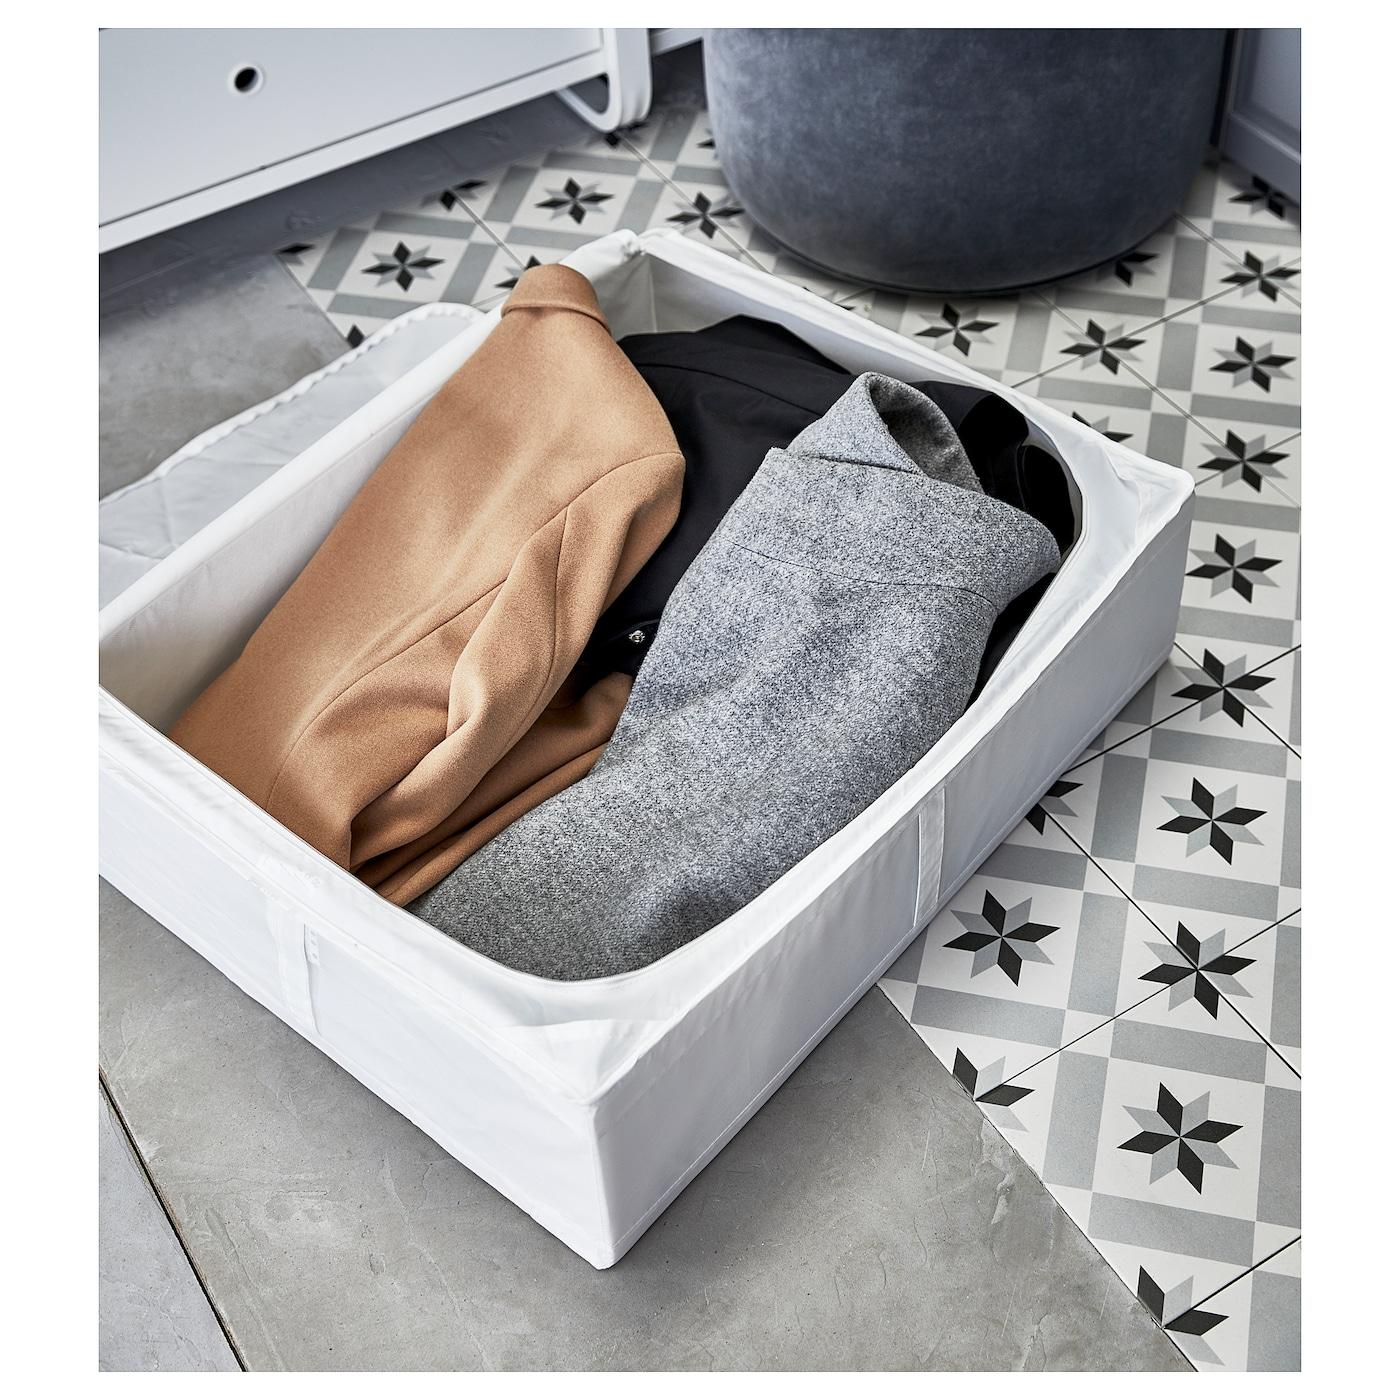 SKUBB Tároló, fehér, 69x55x19 cm IKEA